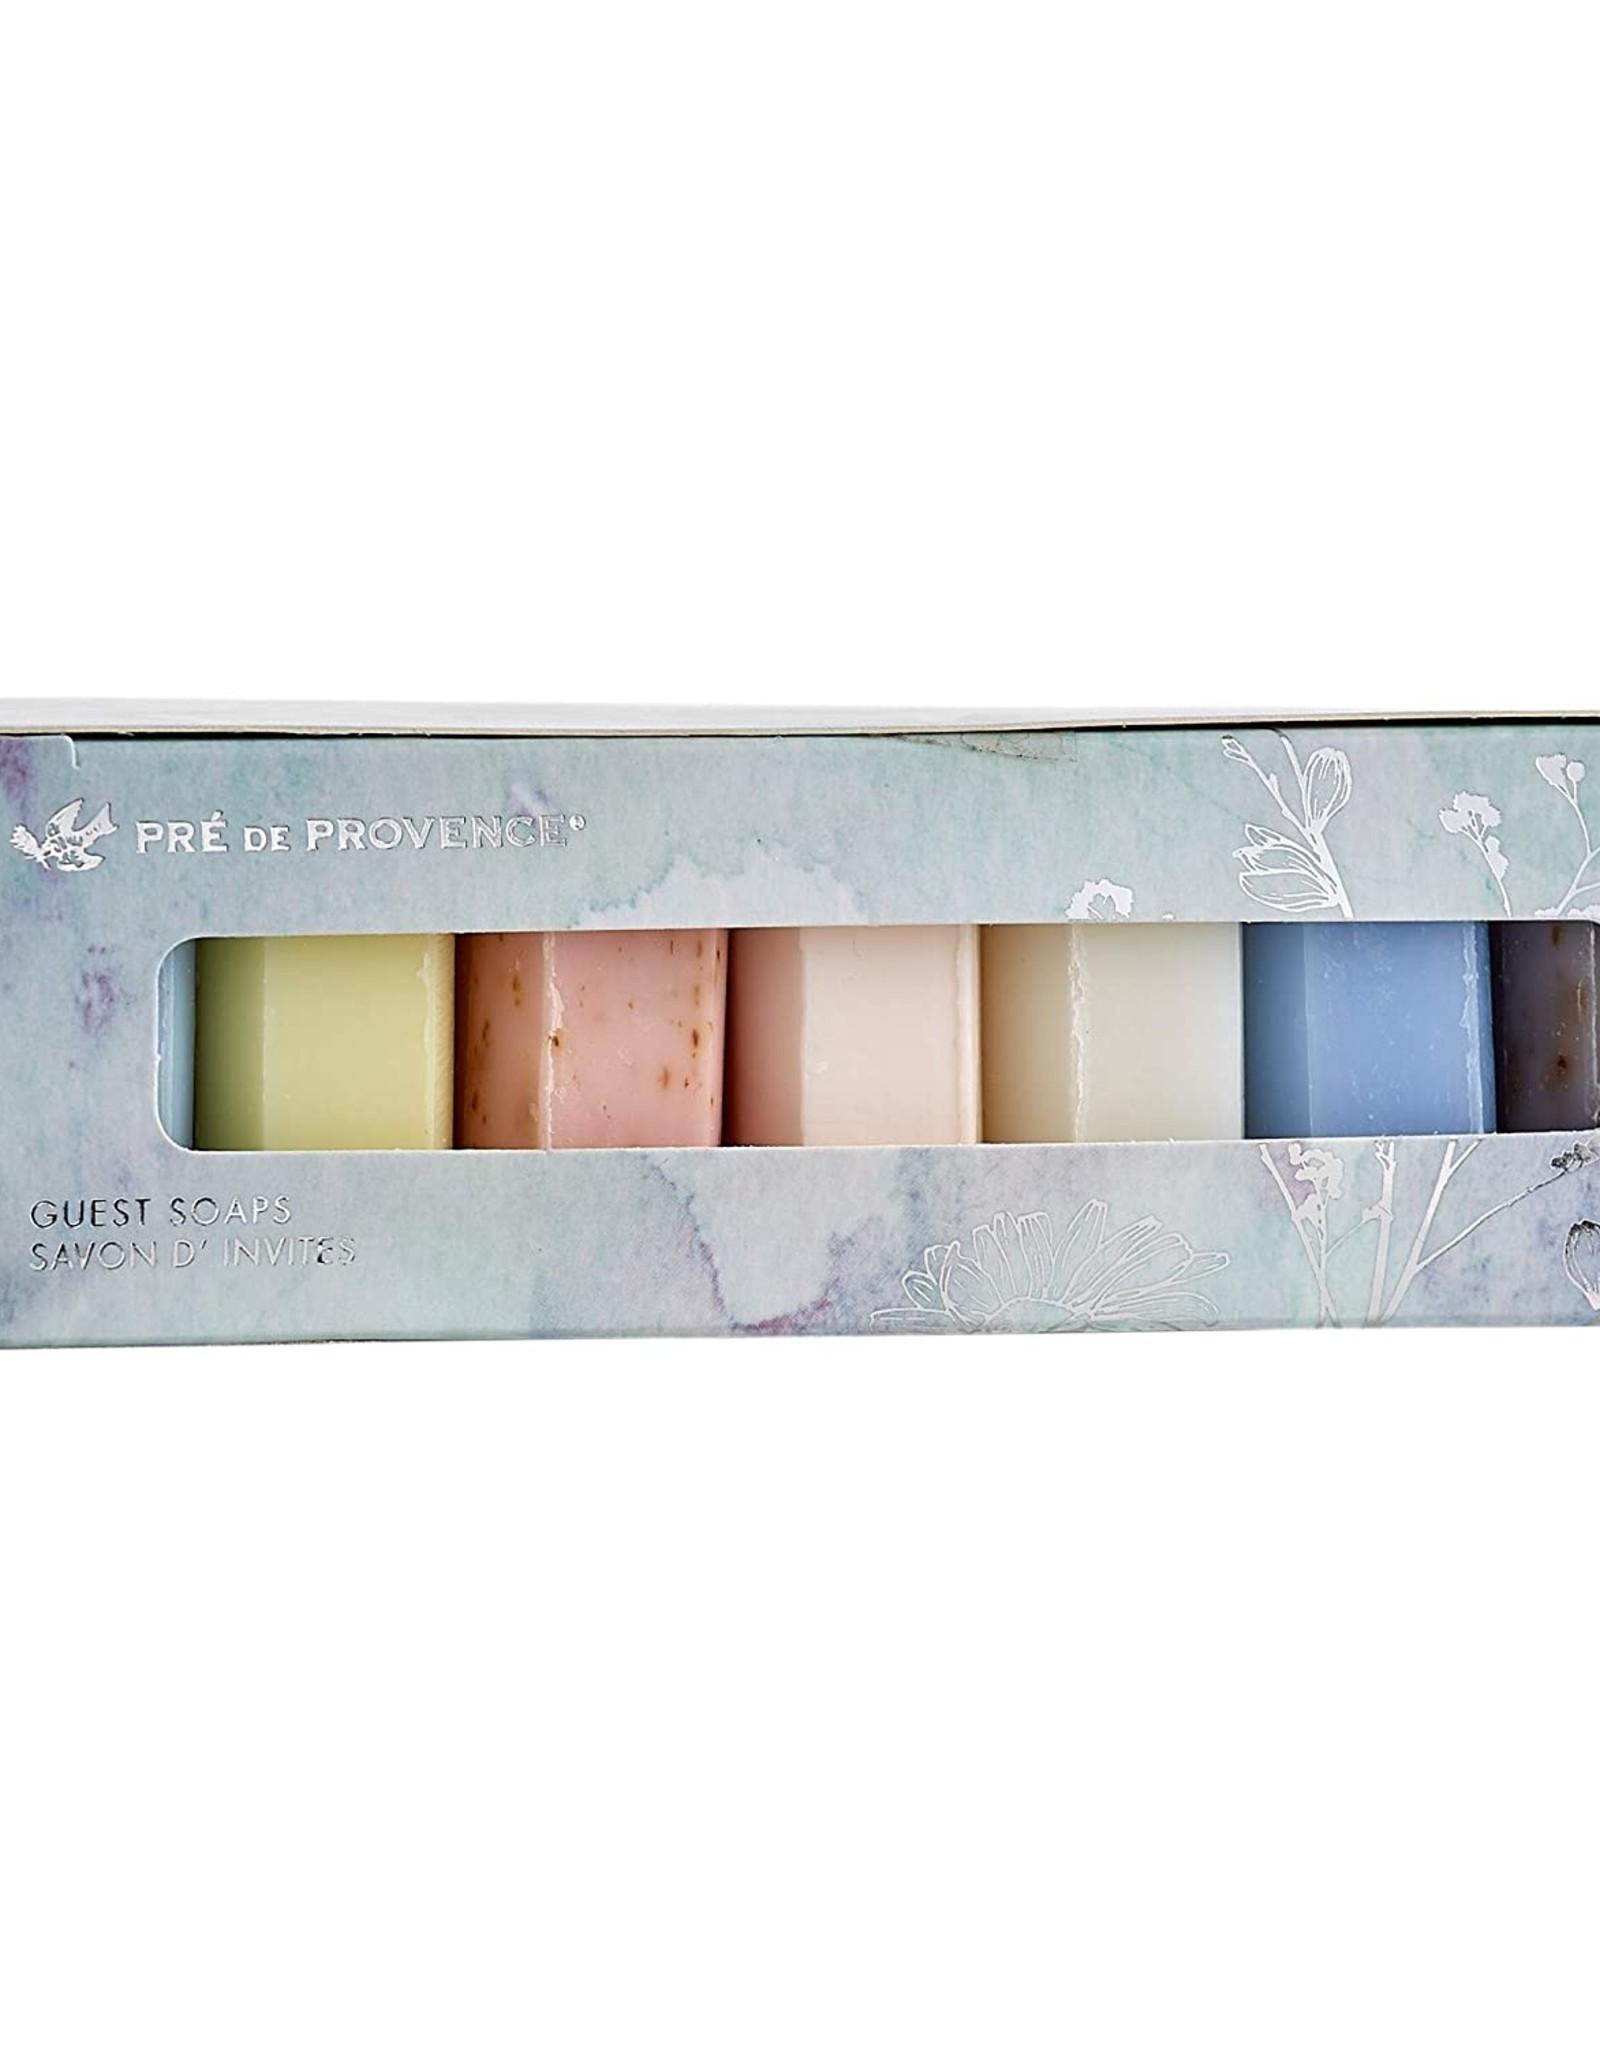 European Soaps Pre de Provence Guest Soap Set